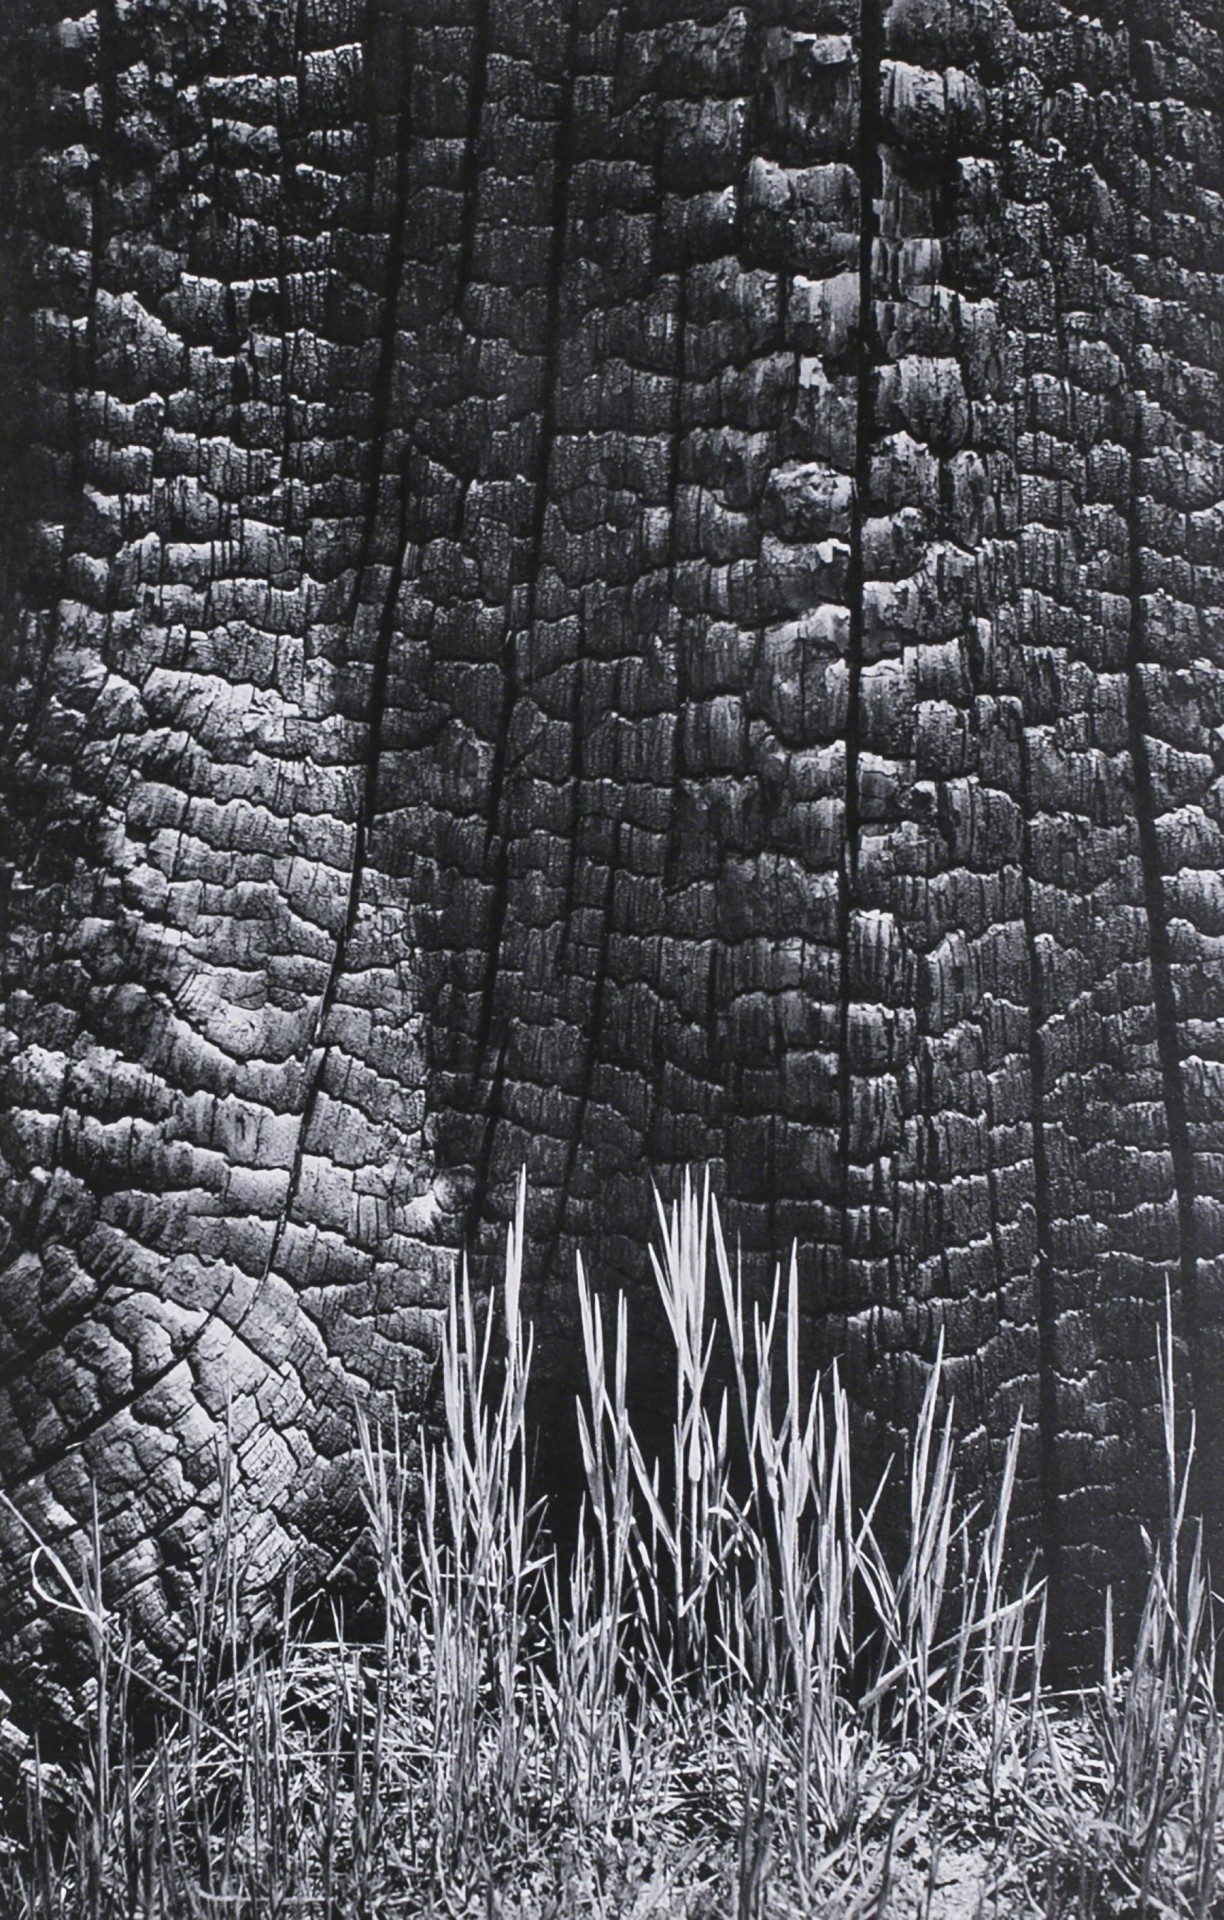 Трава и обгоревший пень, долина Йосемити, 1939. Фотограф Энсел Адамс